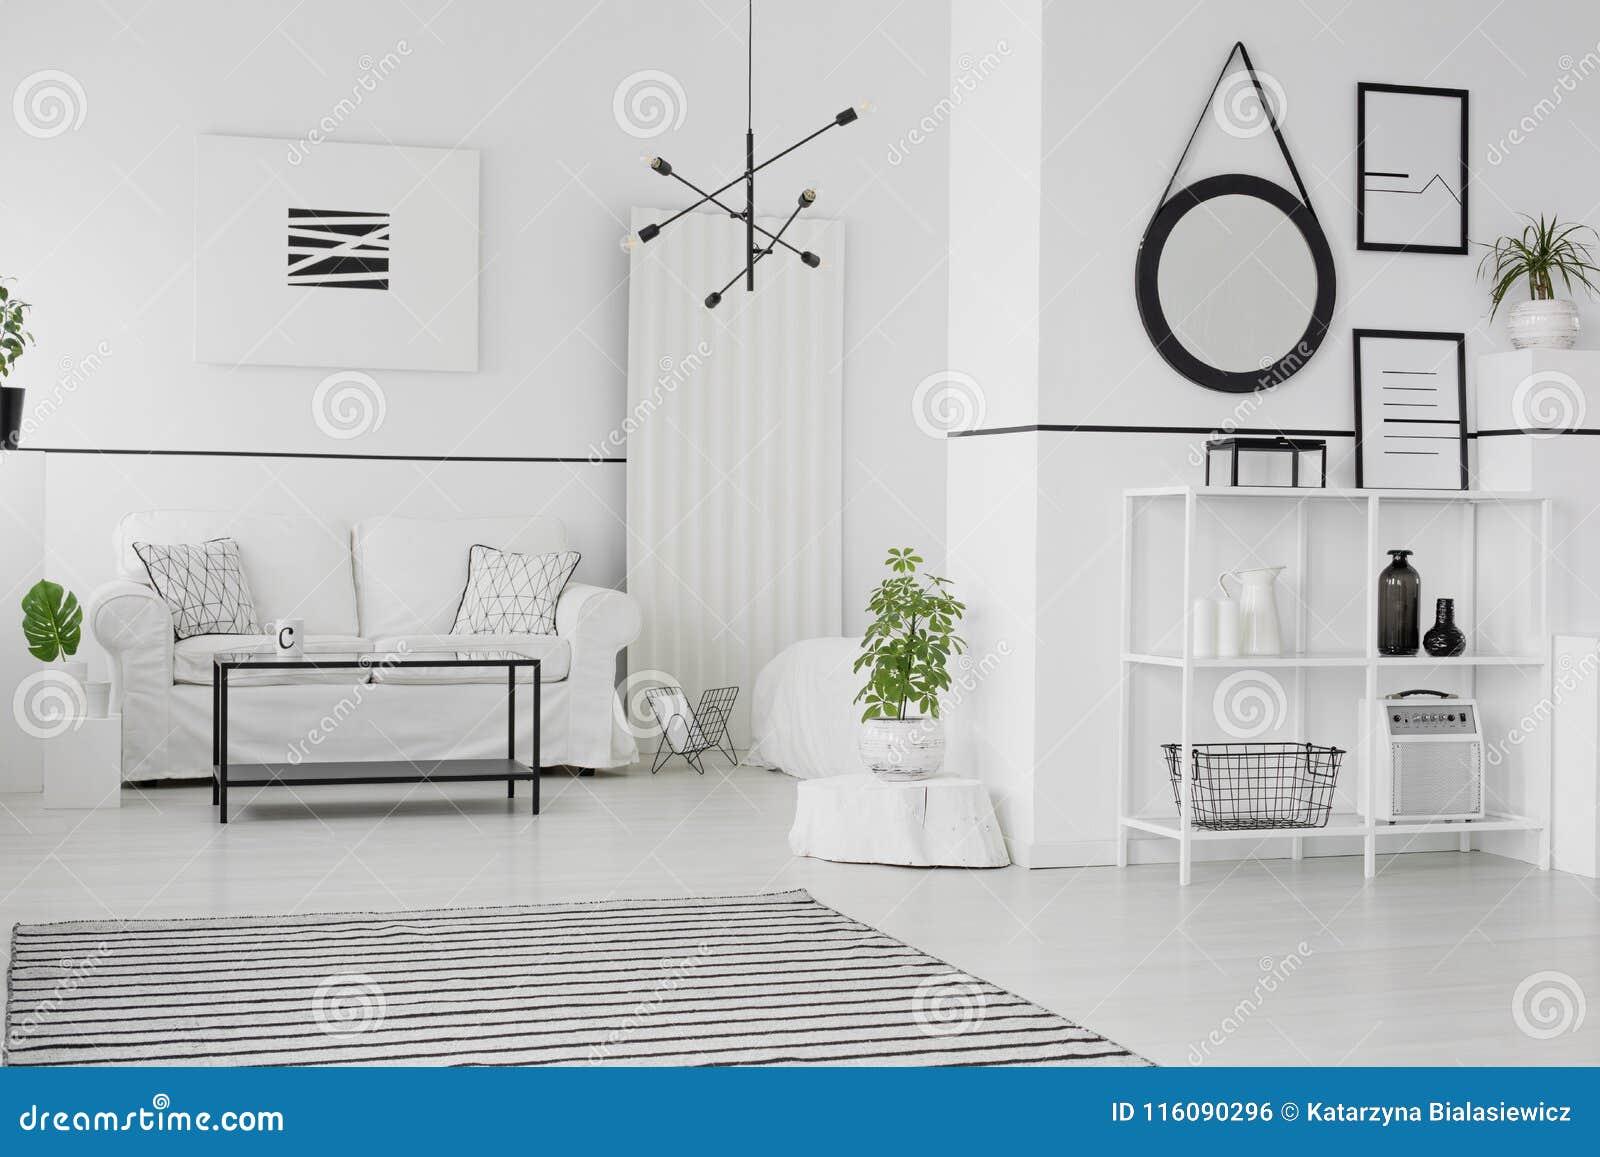 Mockup in scandinavian living room